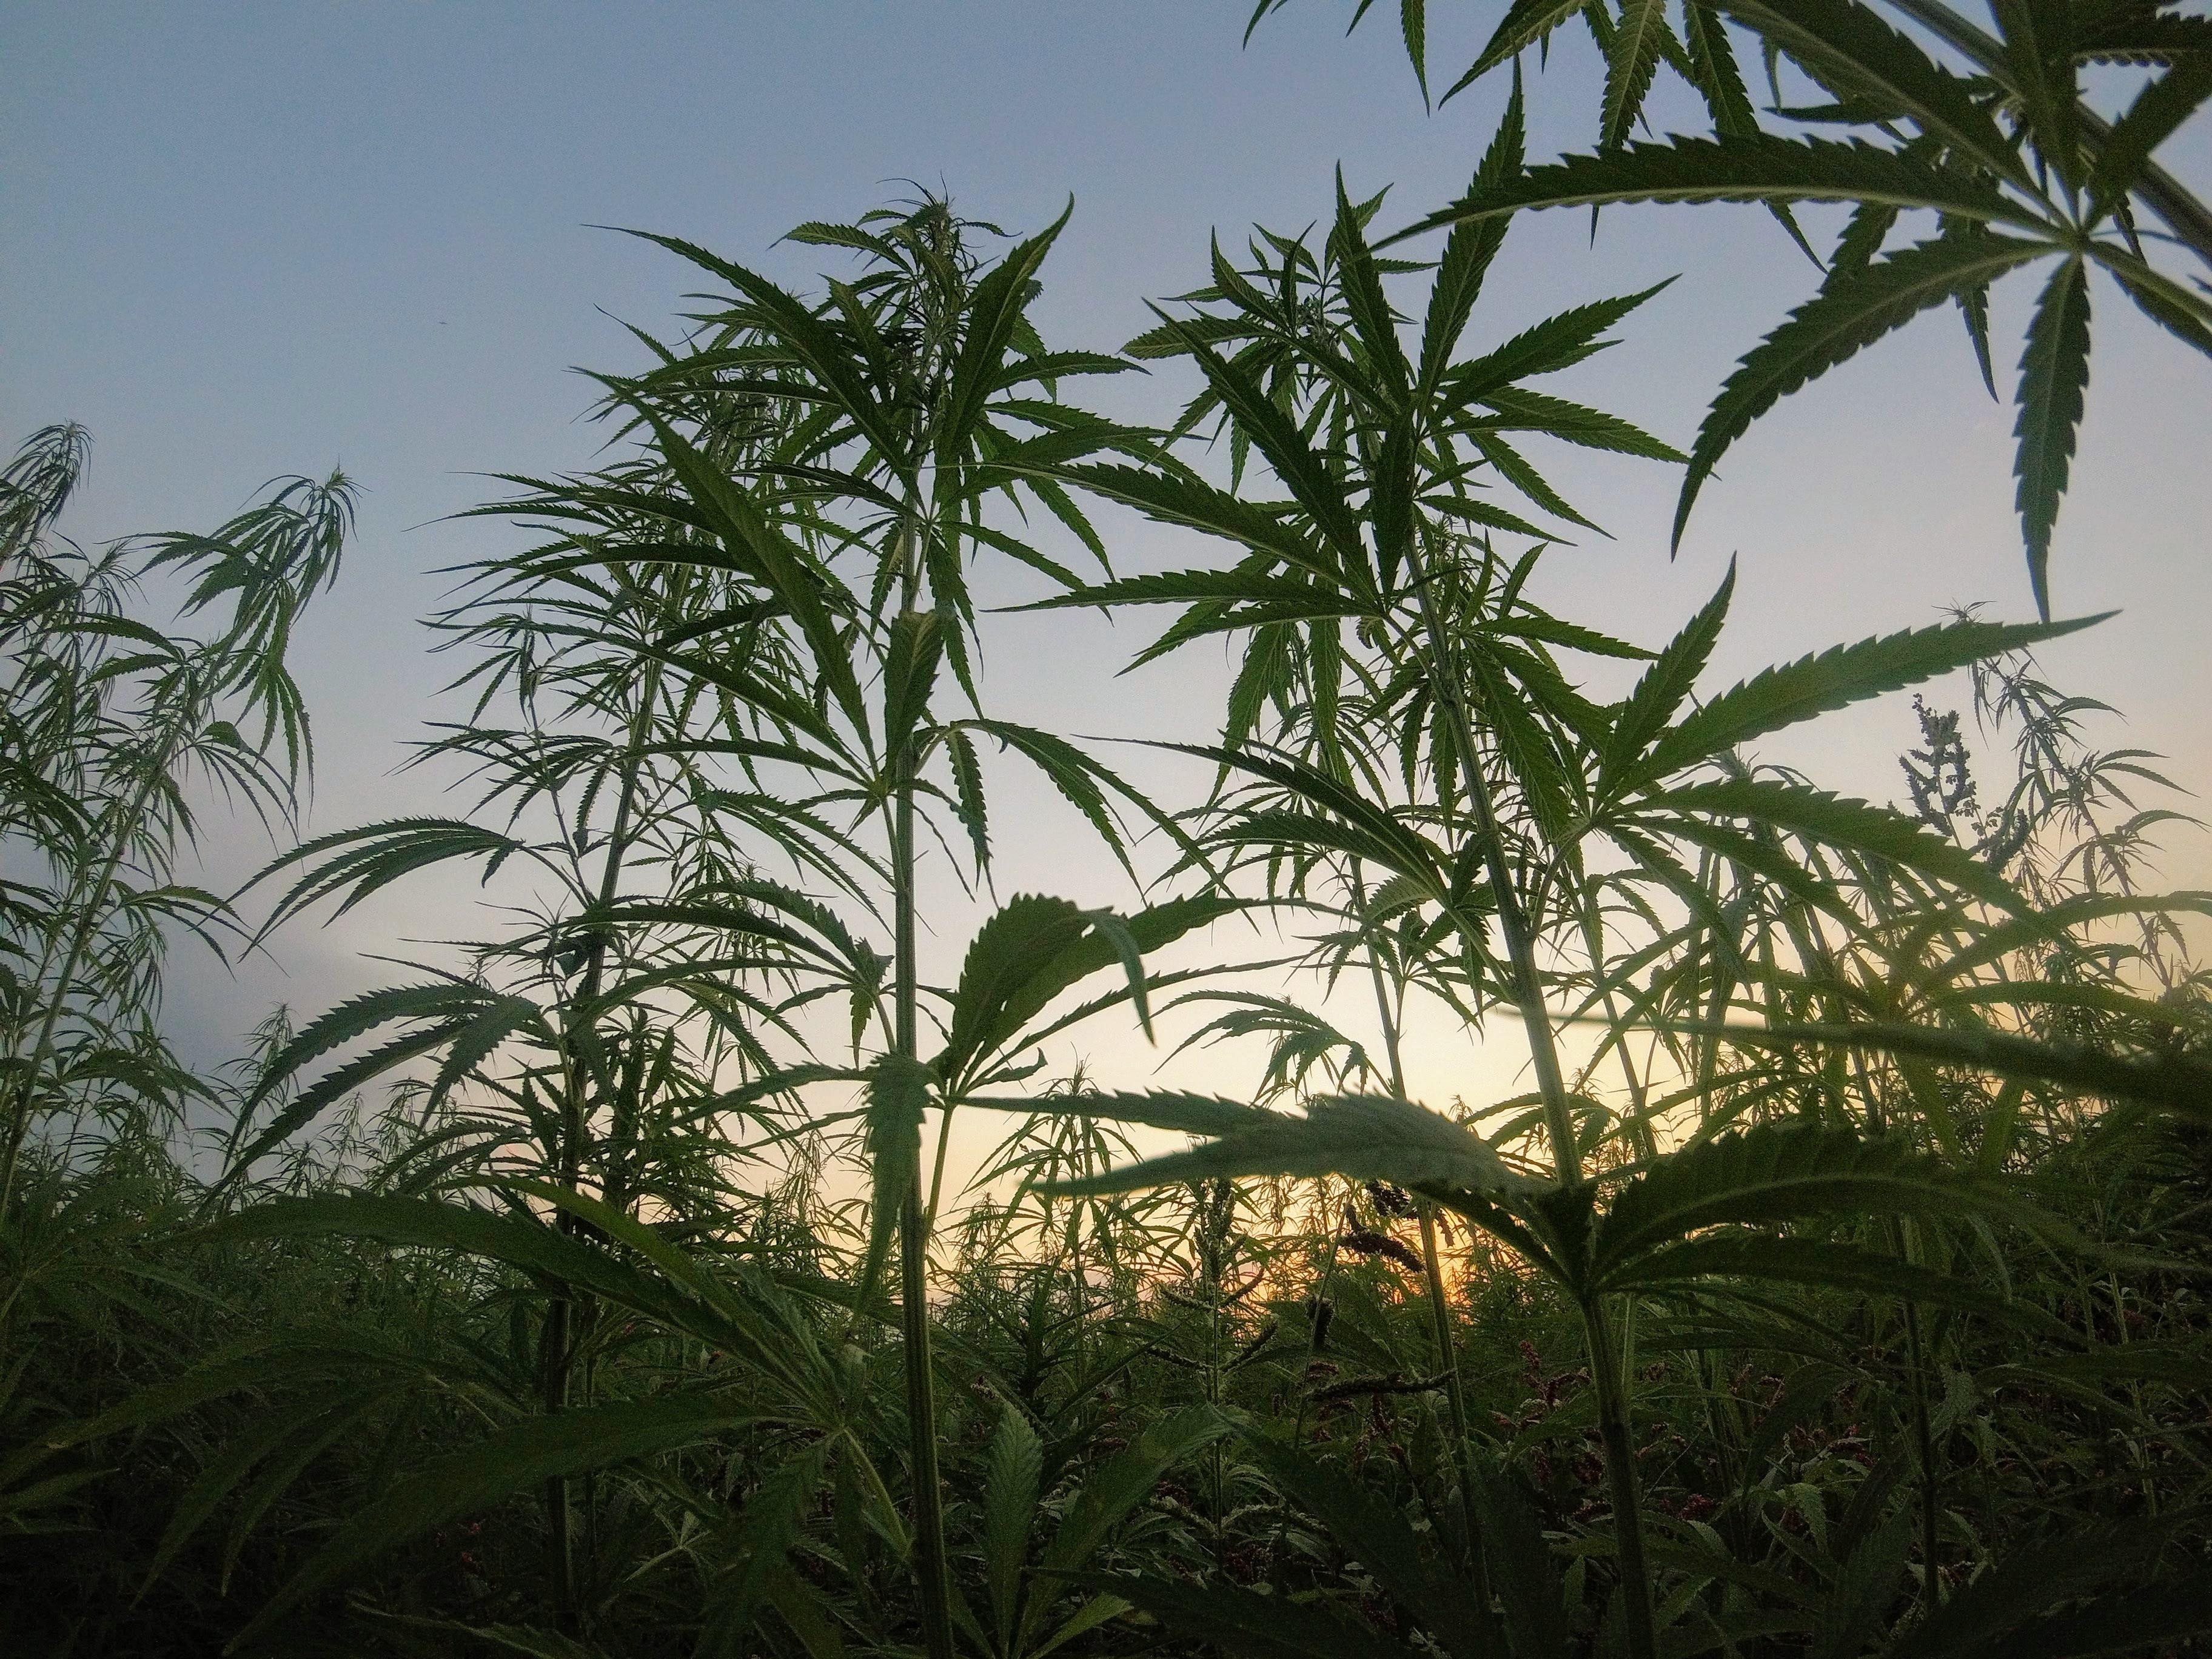 Nación Cannabis | Plagas en plantas de cannabis: ¿cómo detenerlas?